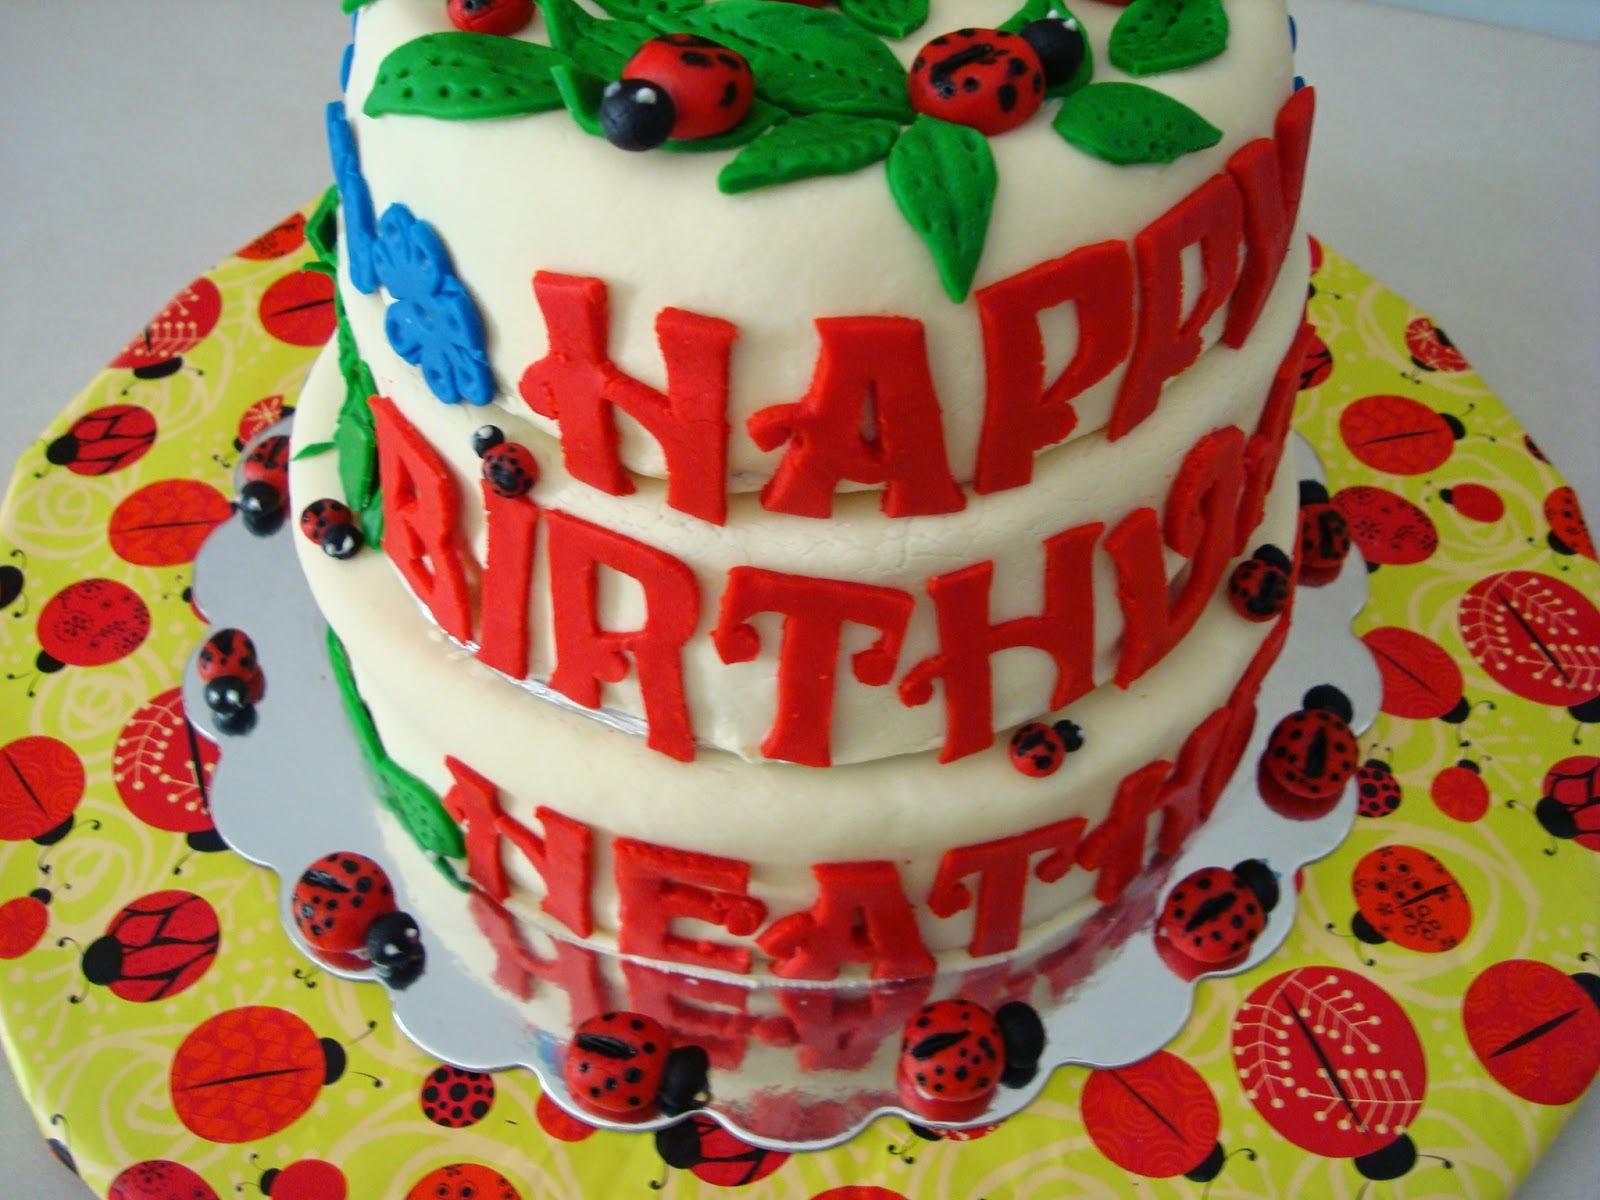 preparado para chantilly para bolo de aniversario